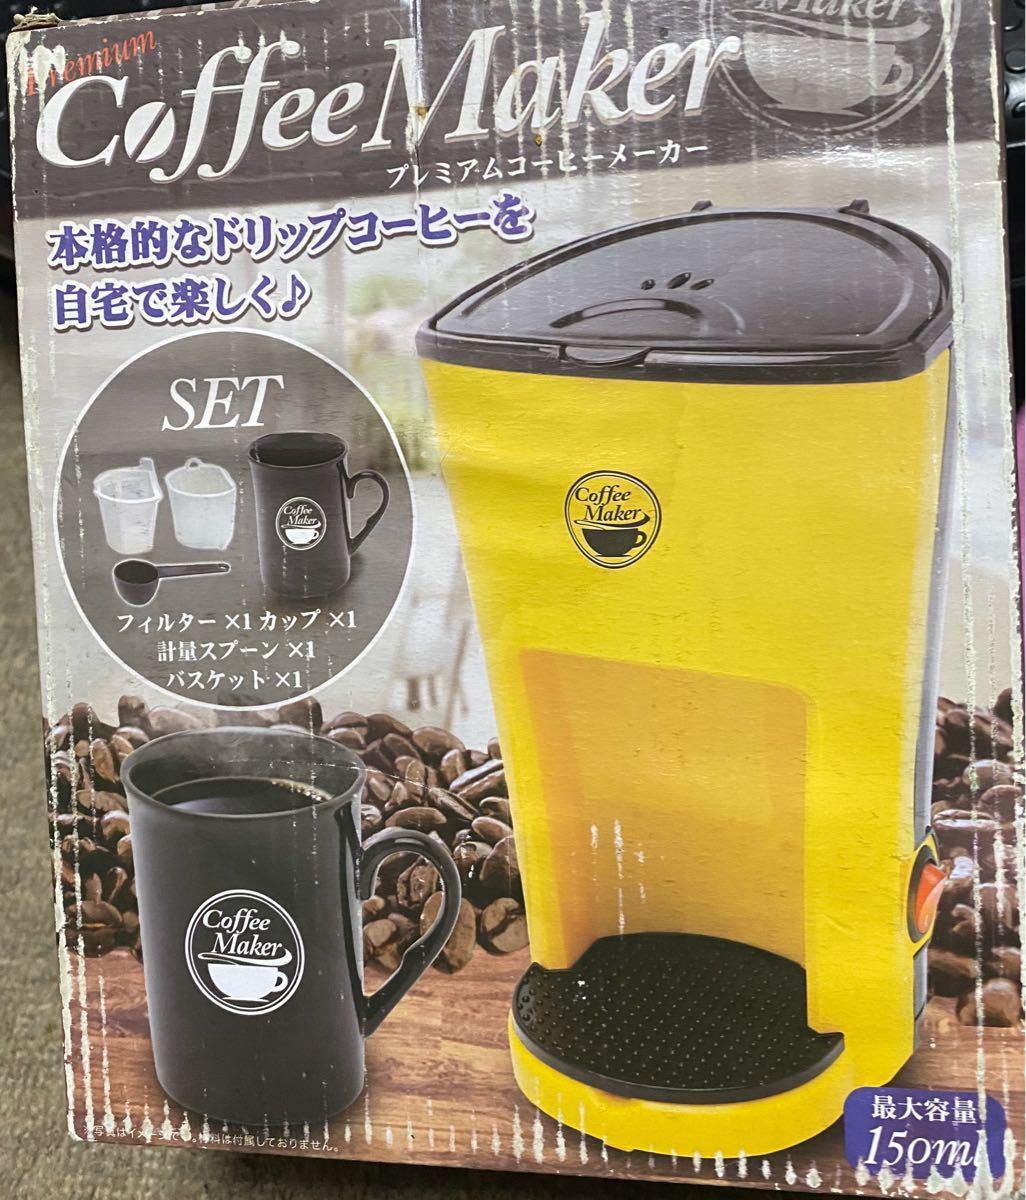 ☆コーヒーメーカー☆